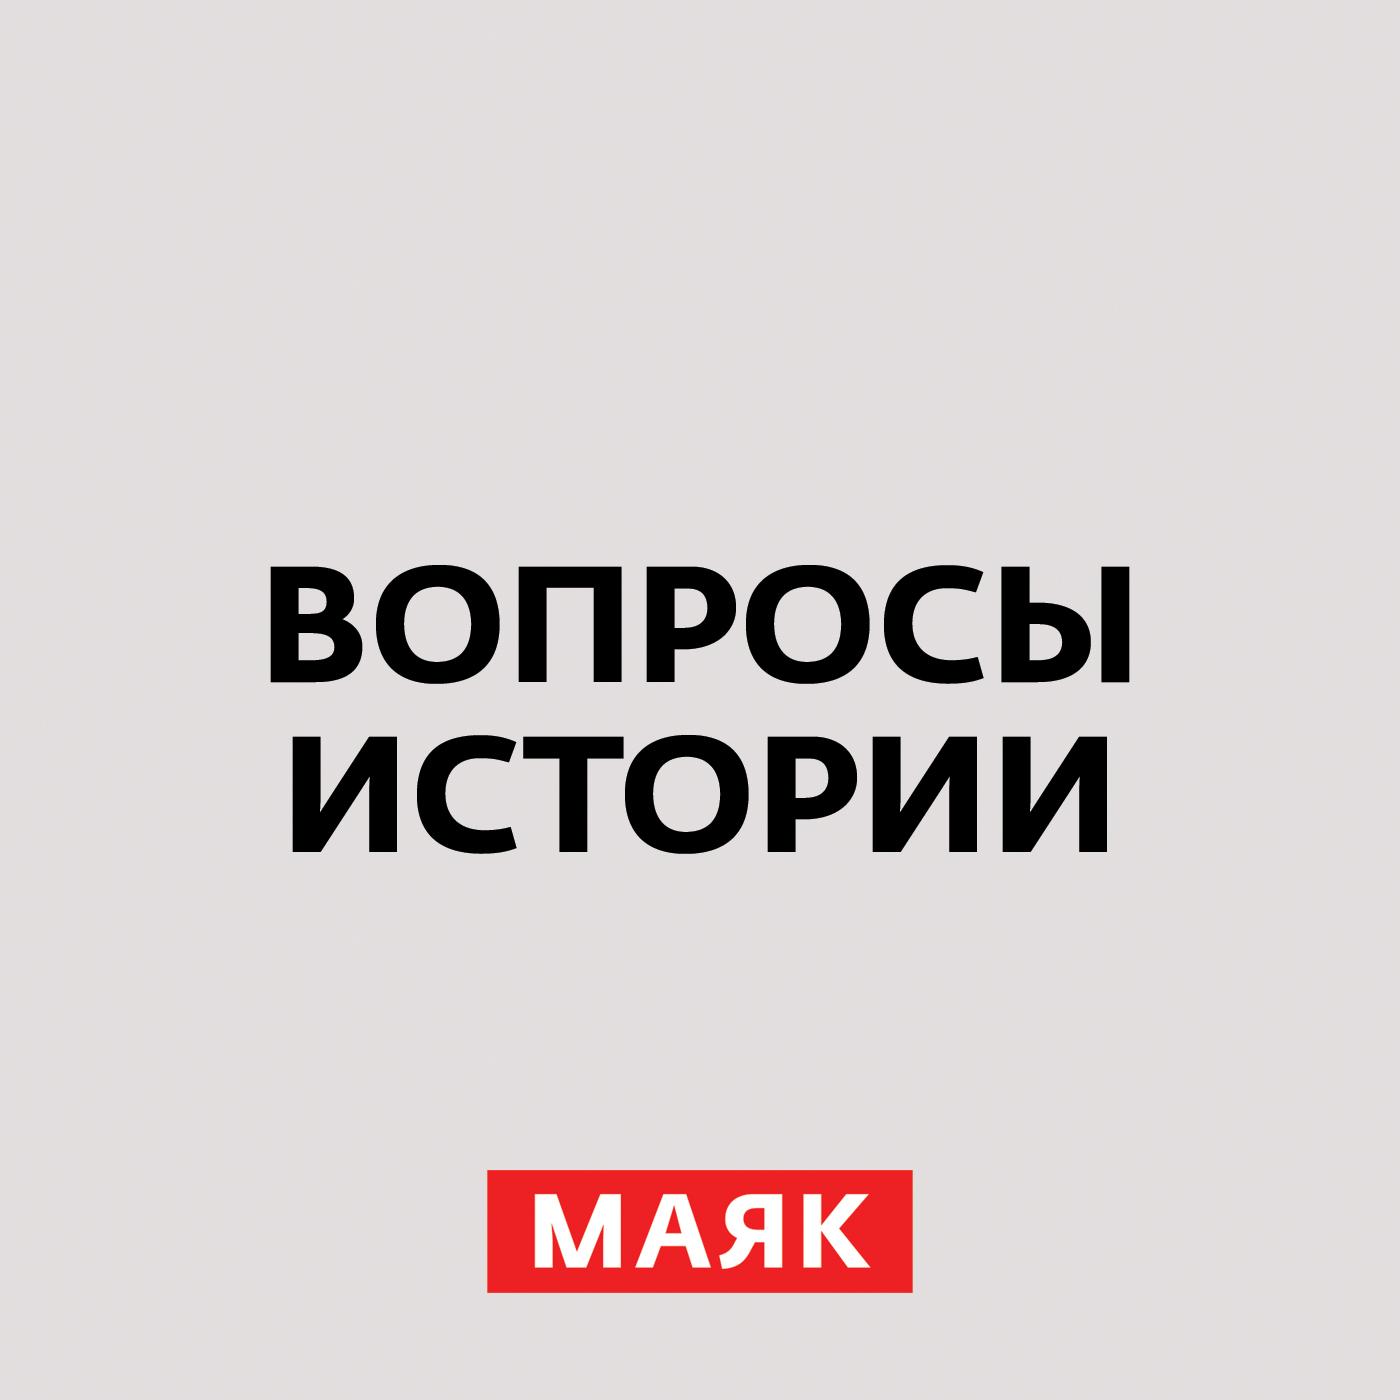 Андрей Светенко Отмена крепостного права. Часть 2 андрей светенко исторические предпосылки парламентаризма в россии часть 2